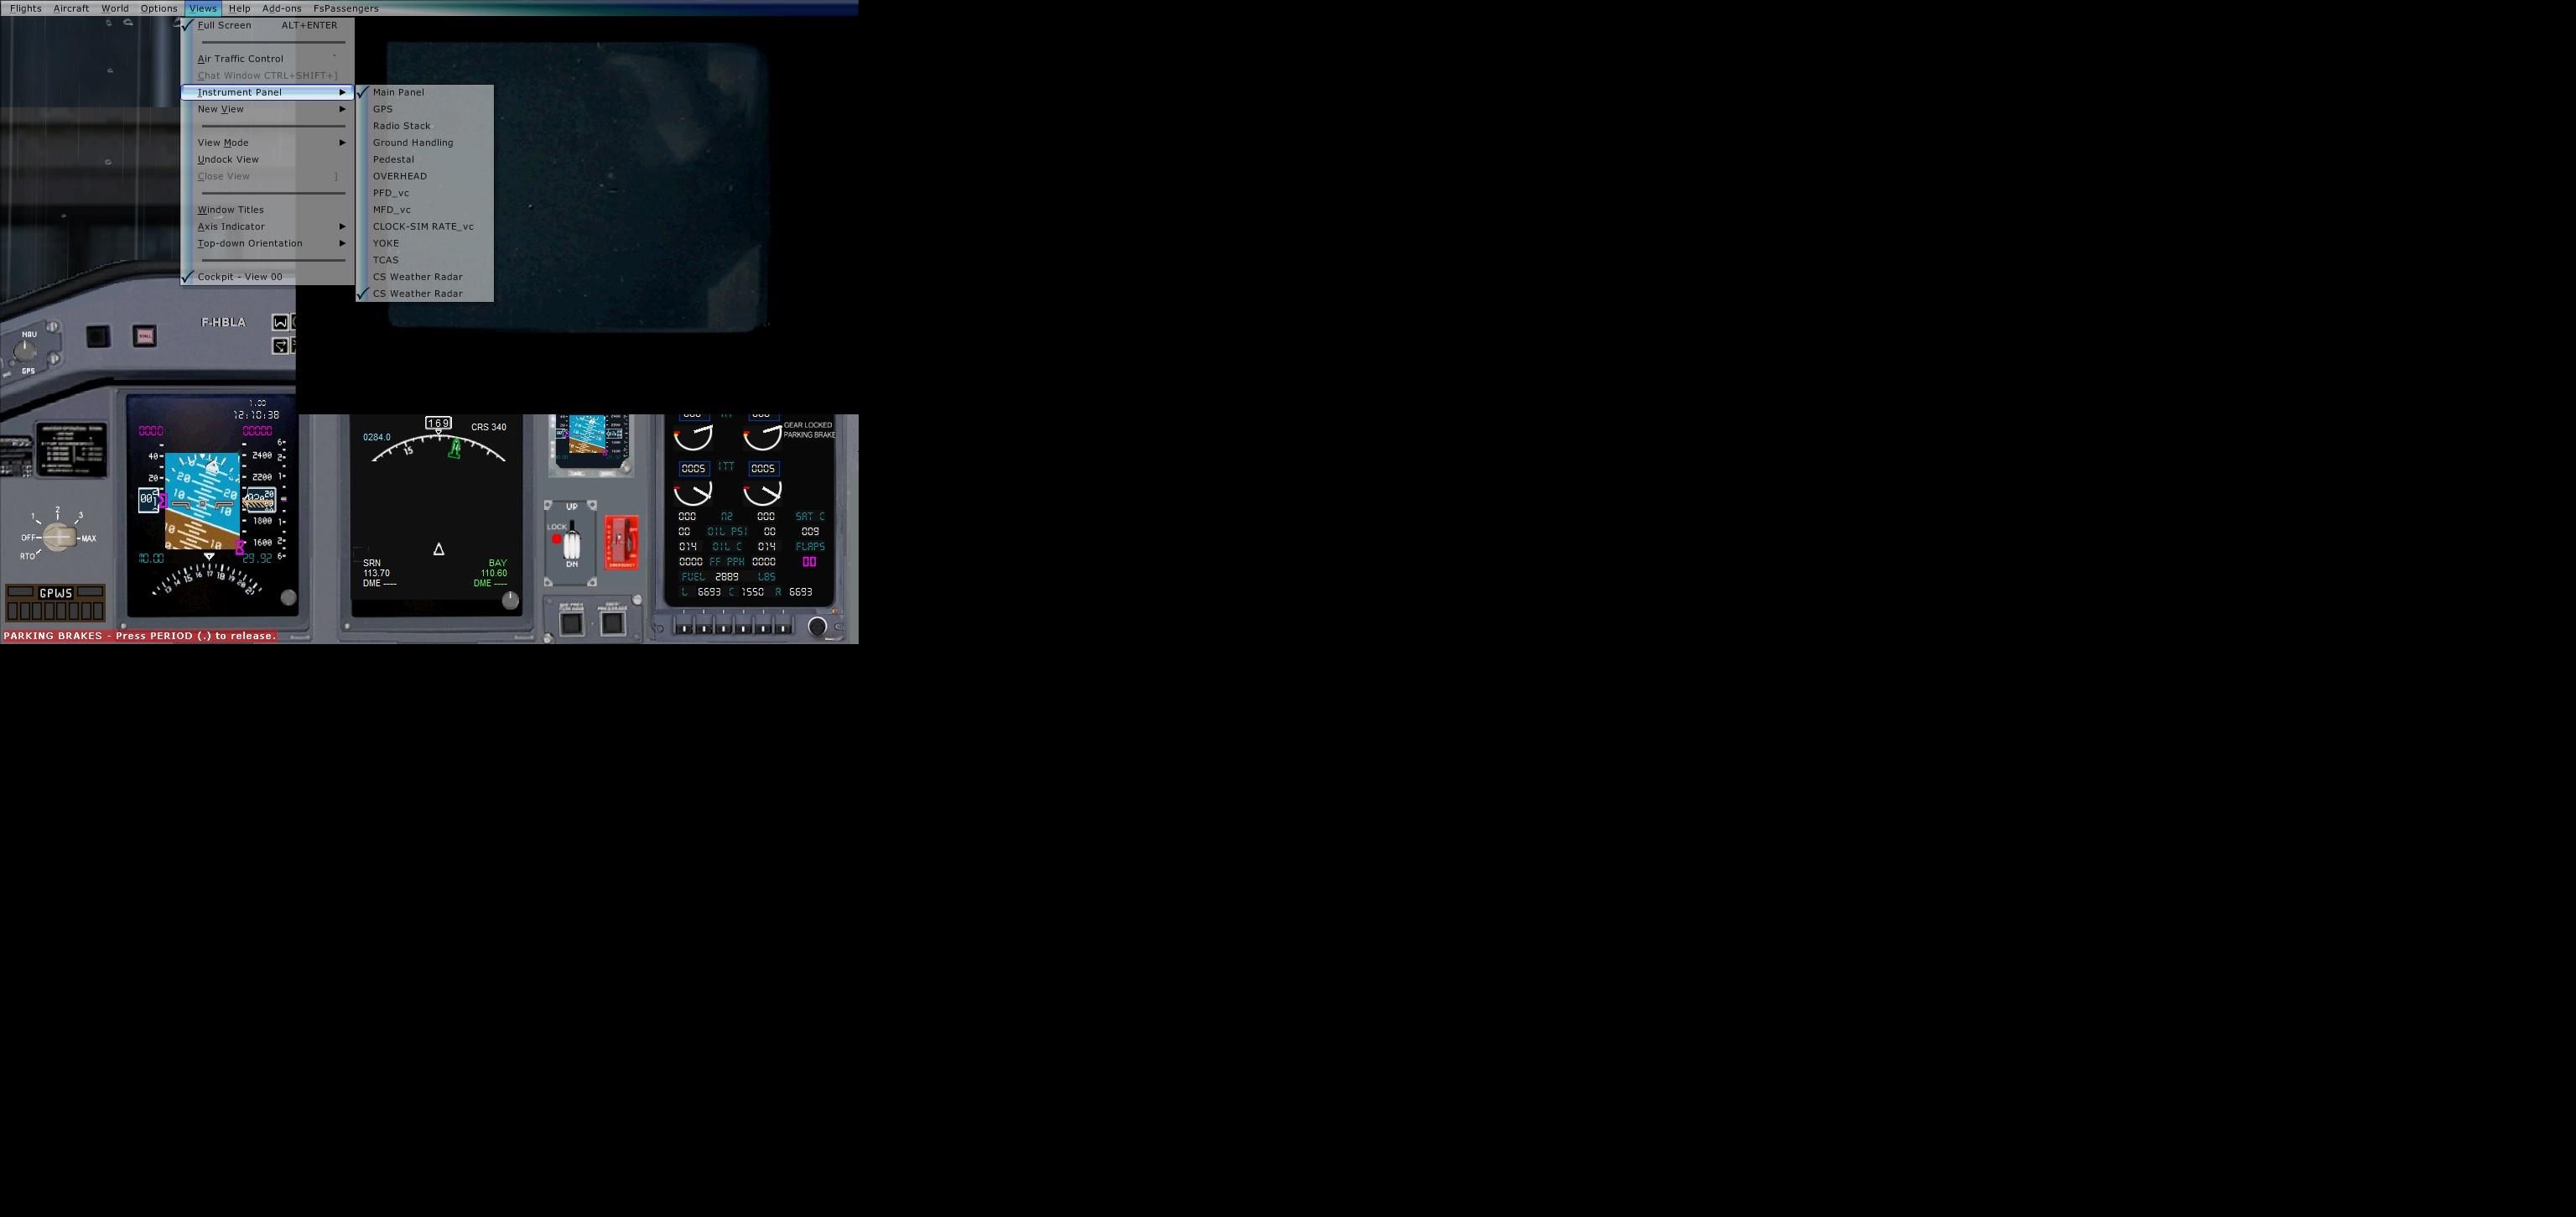 Black_screen_2.jpg